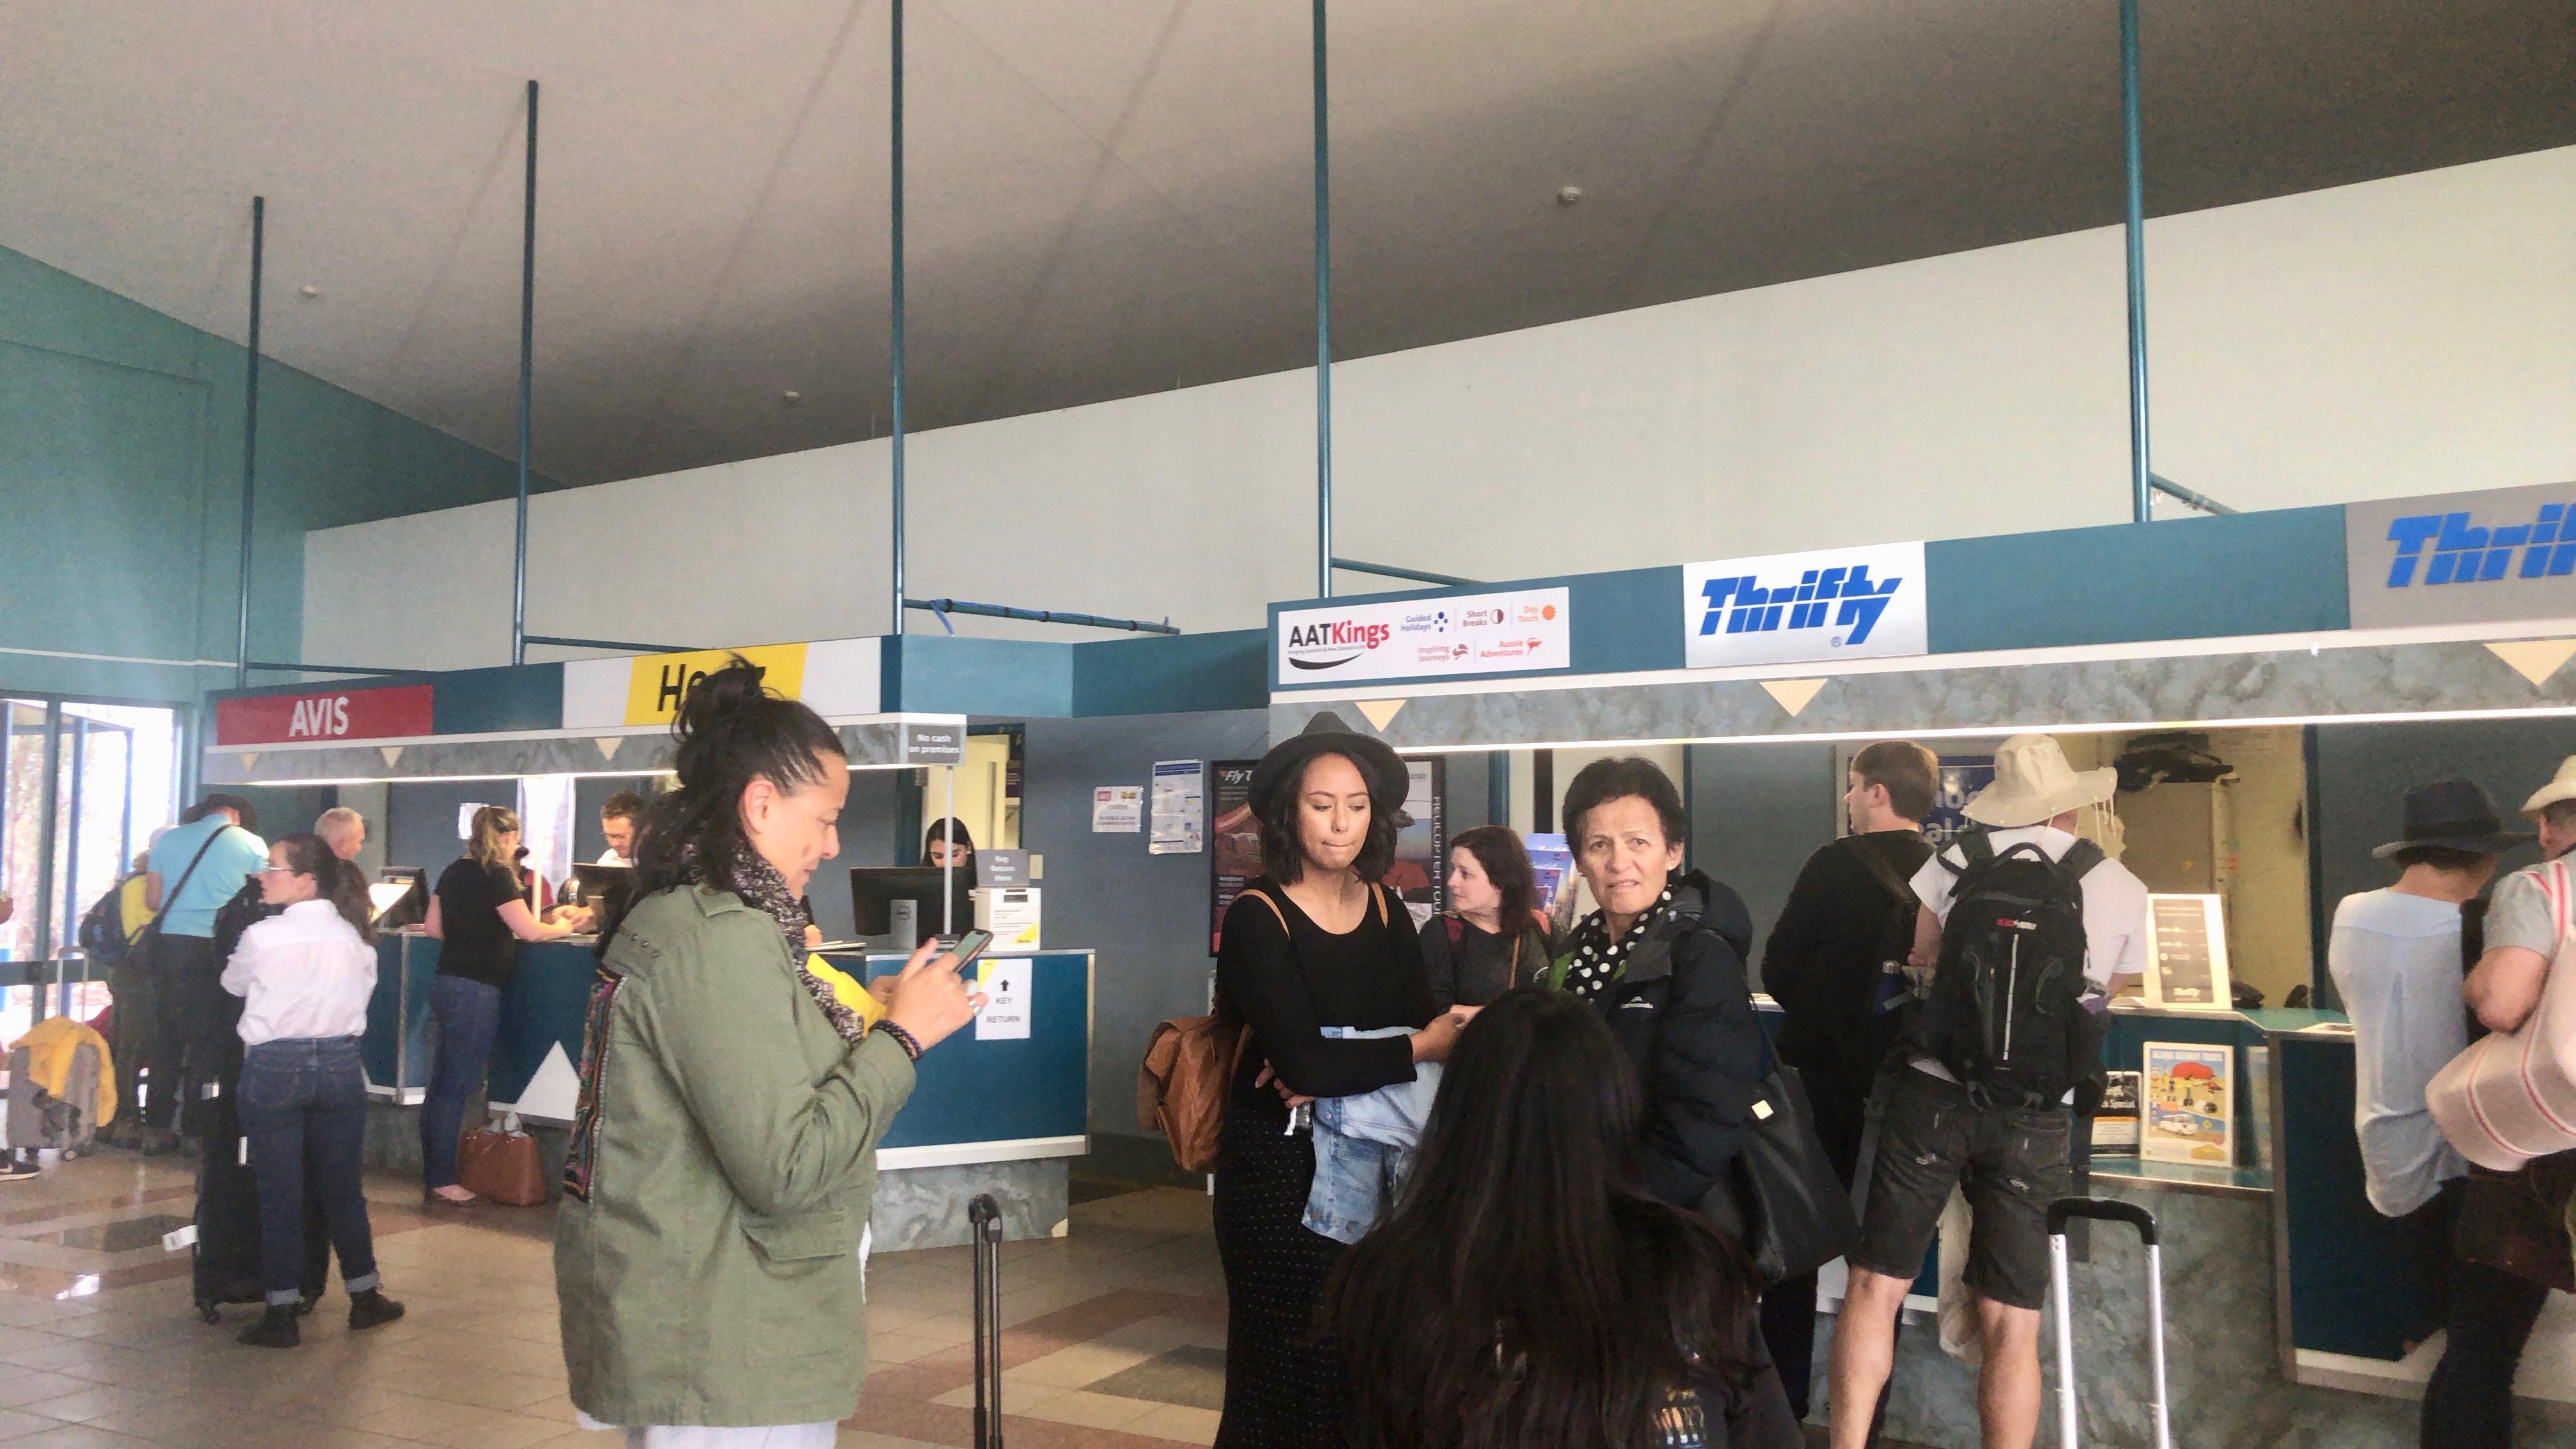 オーストラリア,エアーズロック,ウルル,レンタカー,一人旅,車中泊,女性,空港